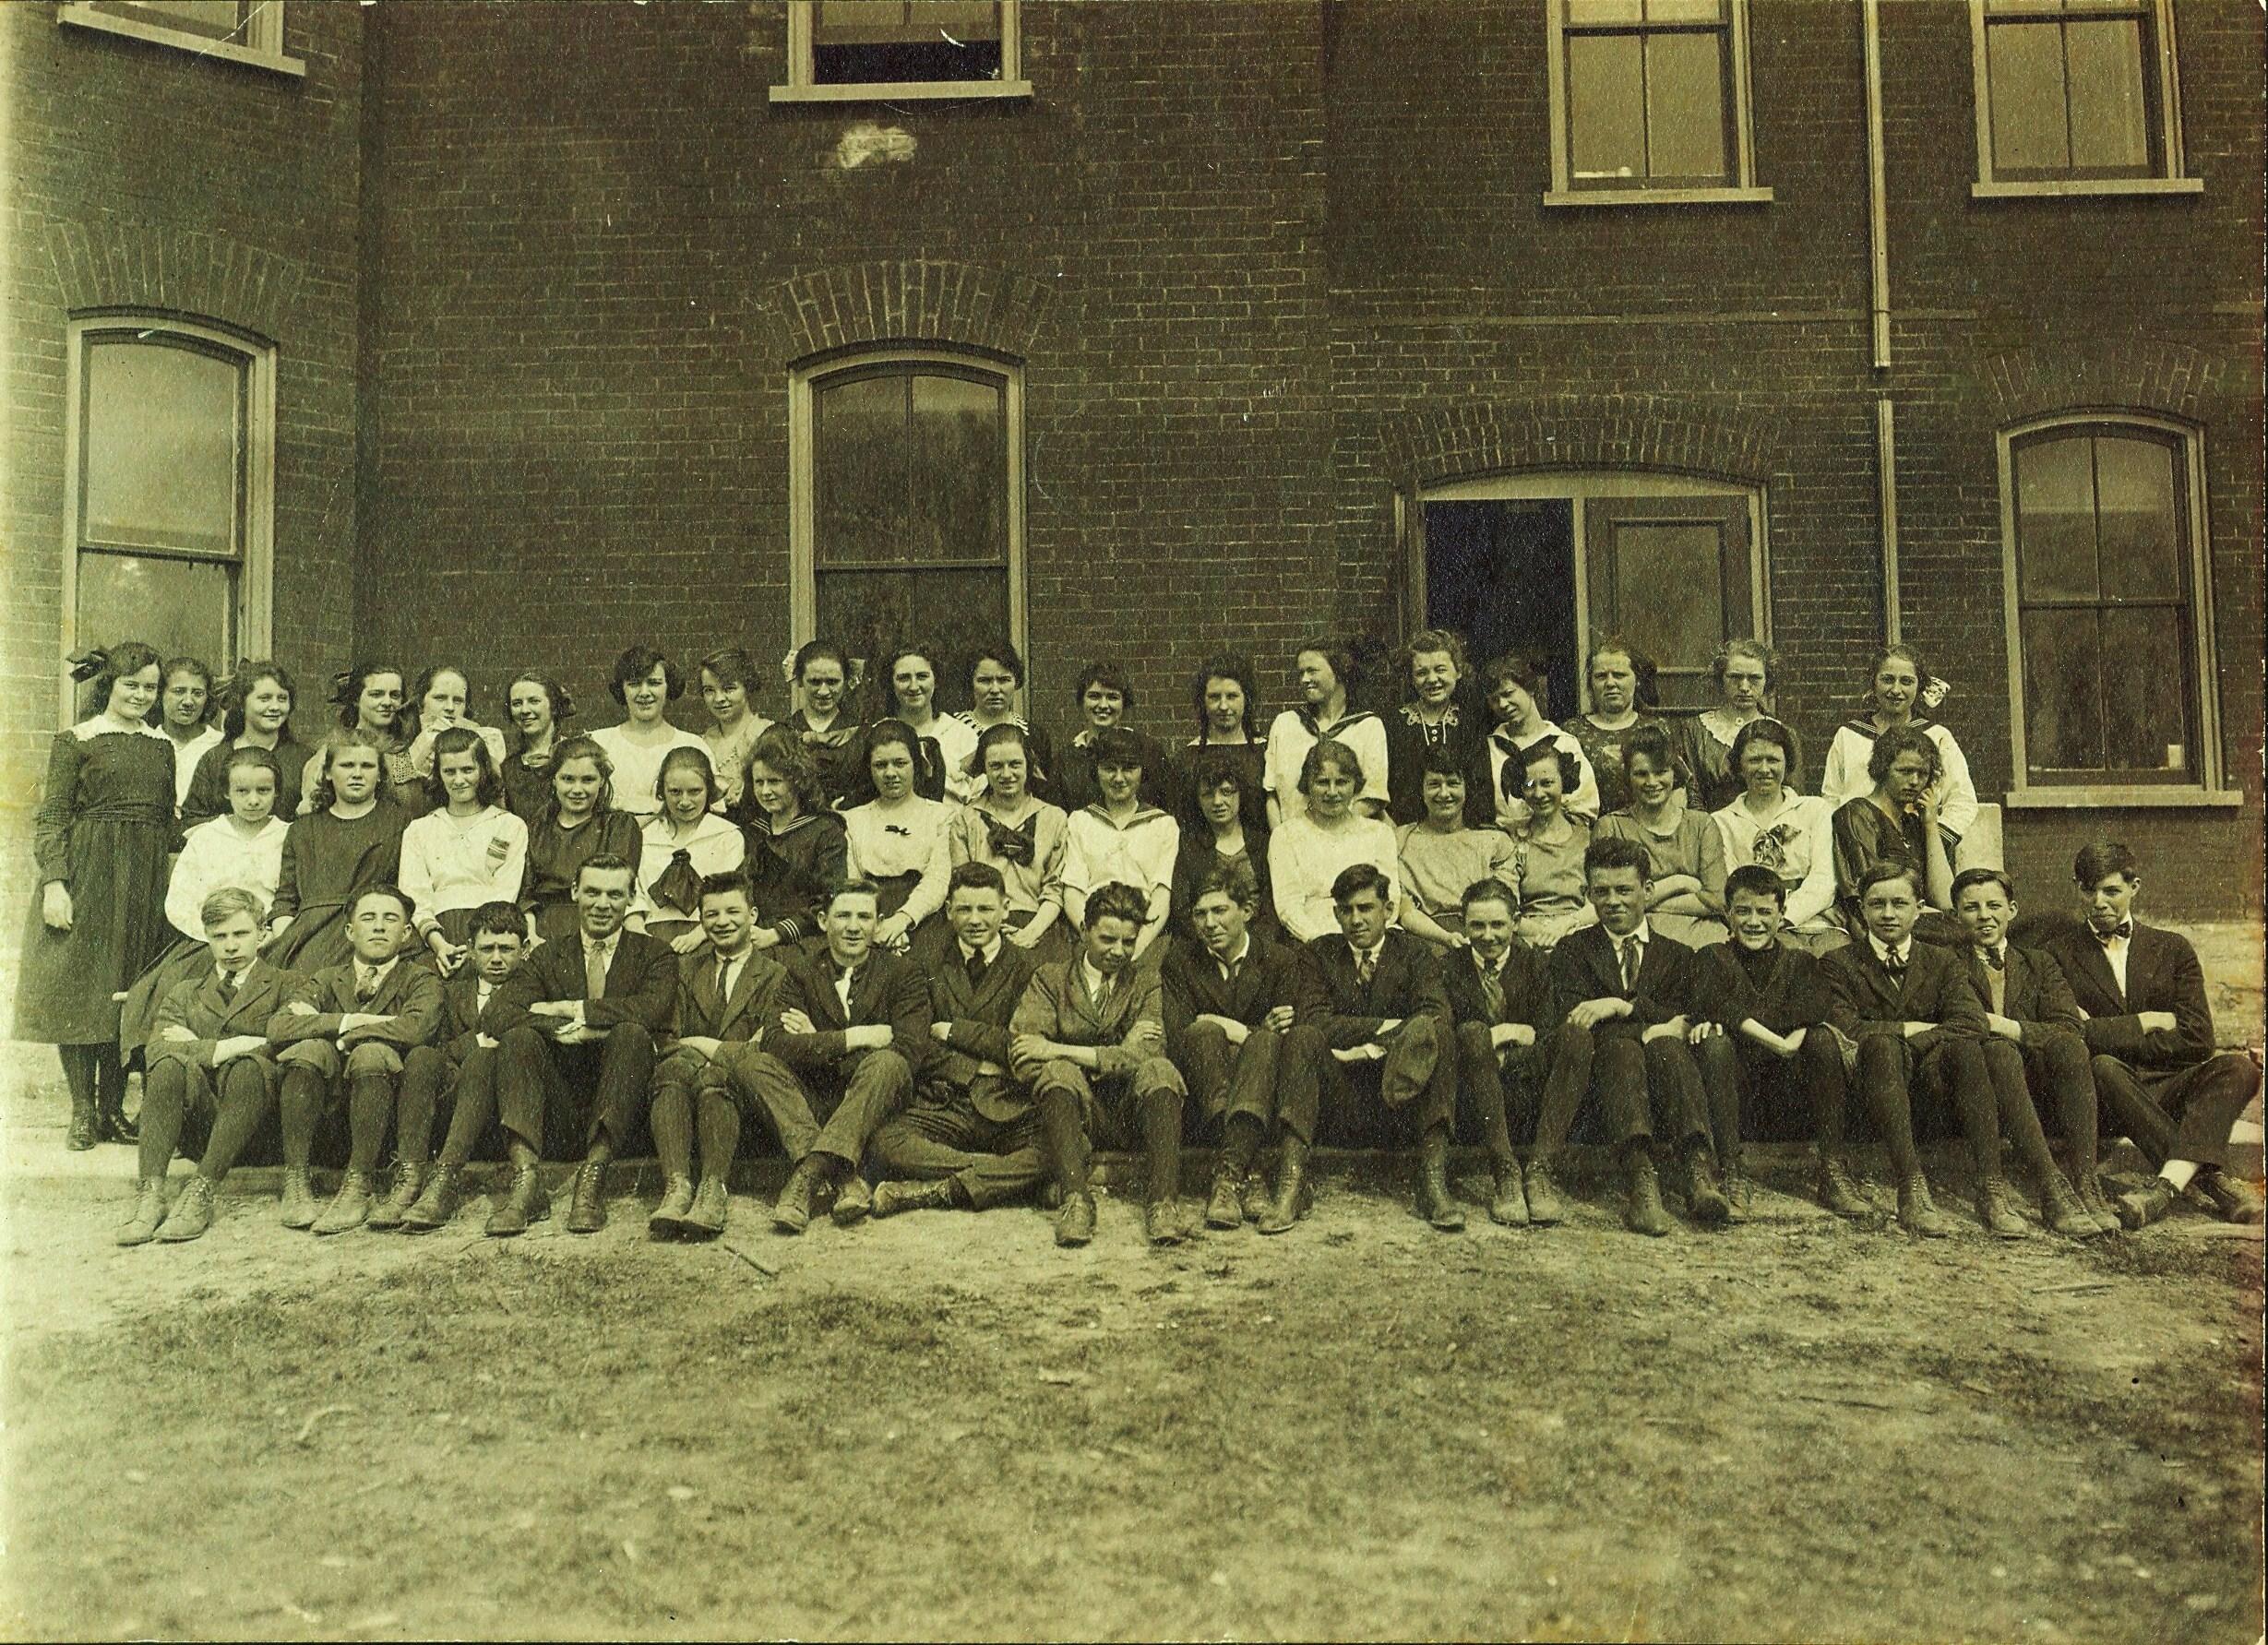 Marmora Continuation School, 1920